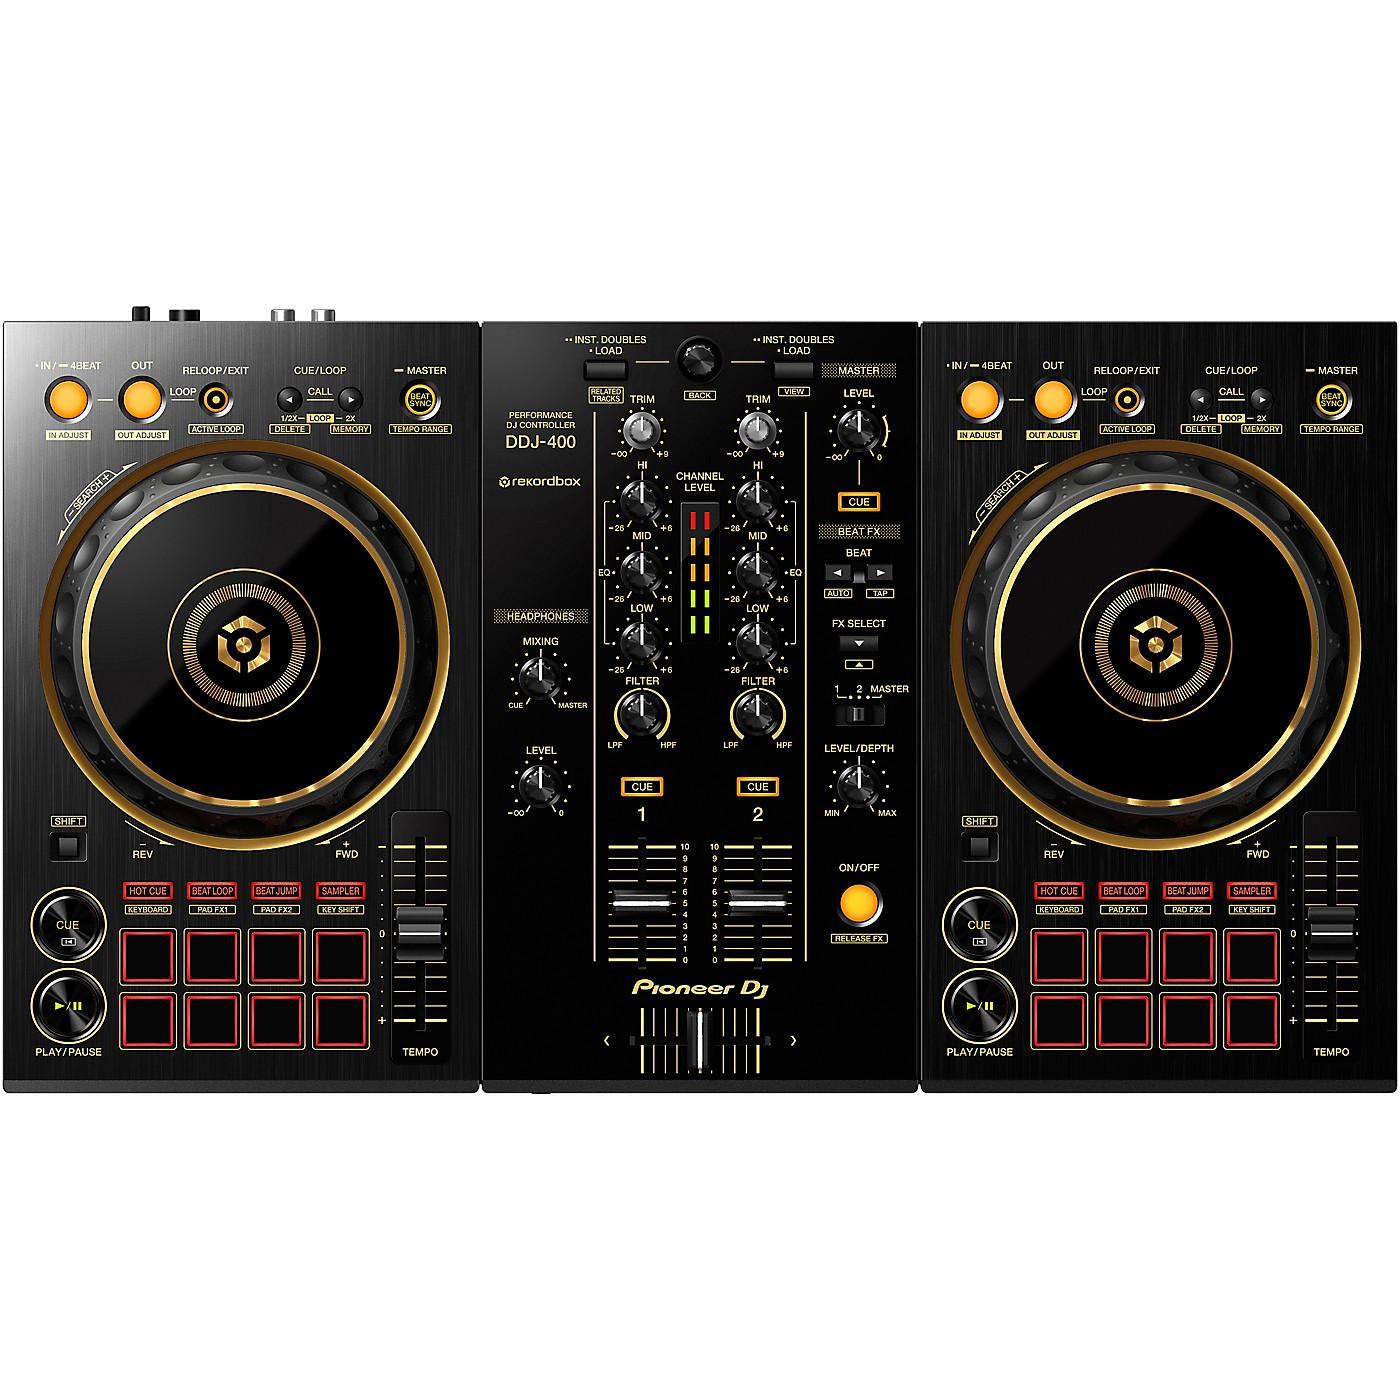 Pioneer DJ DDJ-400-N Limited Edition Gold 2-Channel DJ Controller for rekordbox dj thumbnail